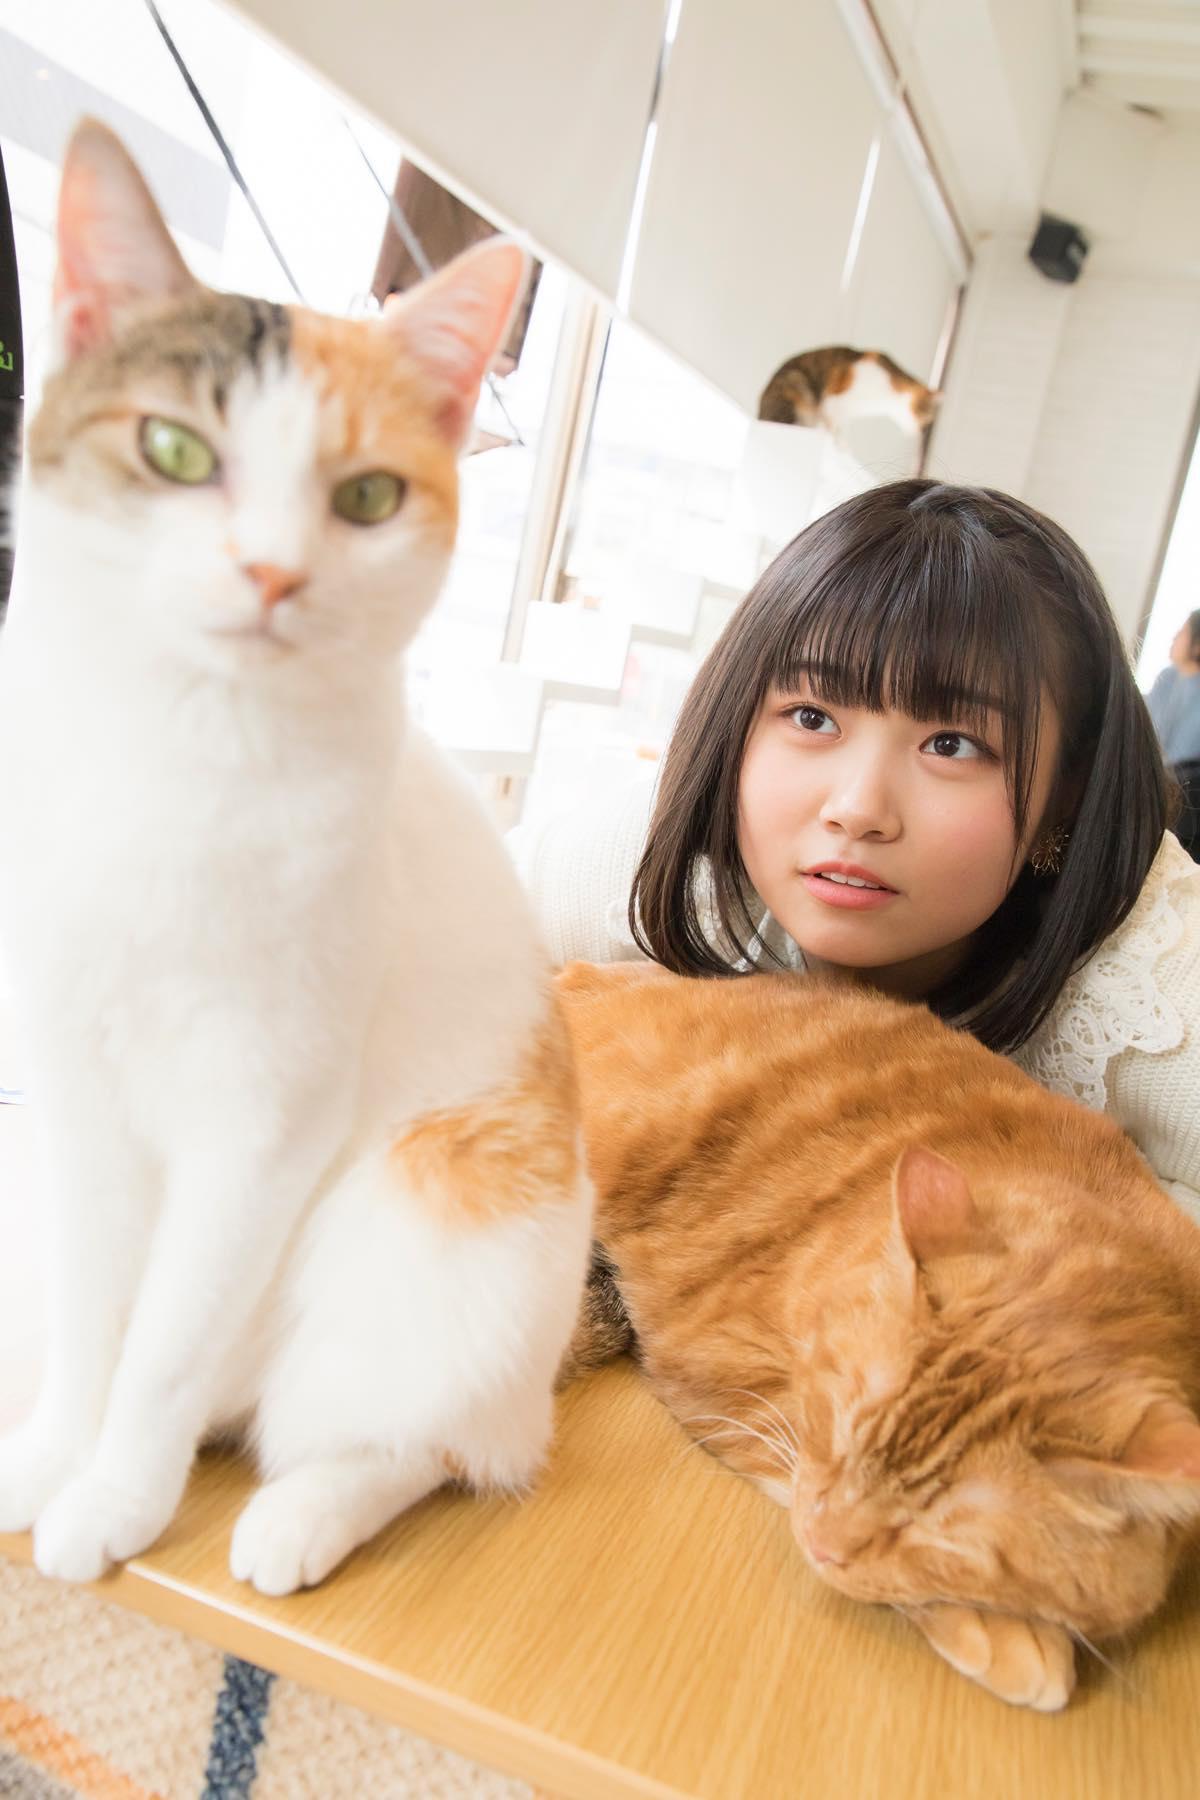 小澤愛実「猫に愛されることはできるのか」【写真48枚】【連載】ラストアイドルのすっぴん!vol.19の画像039